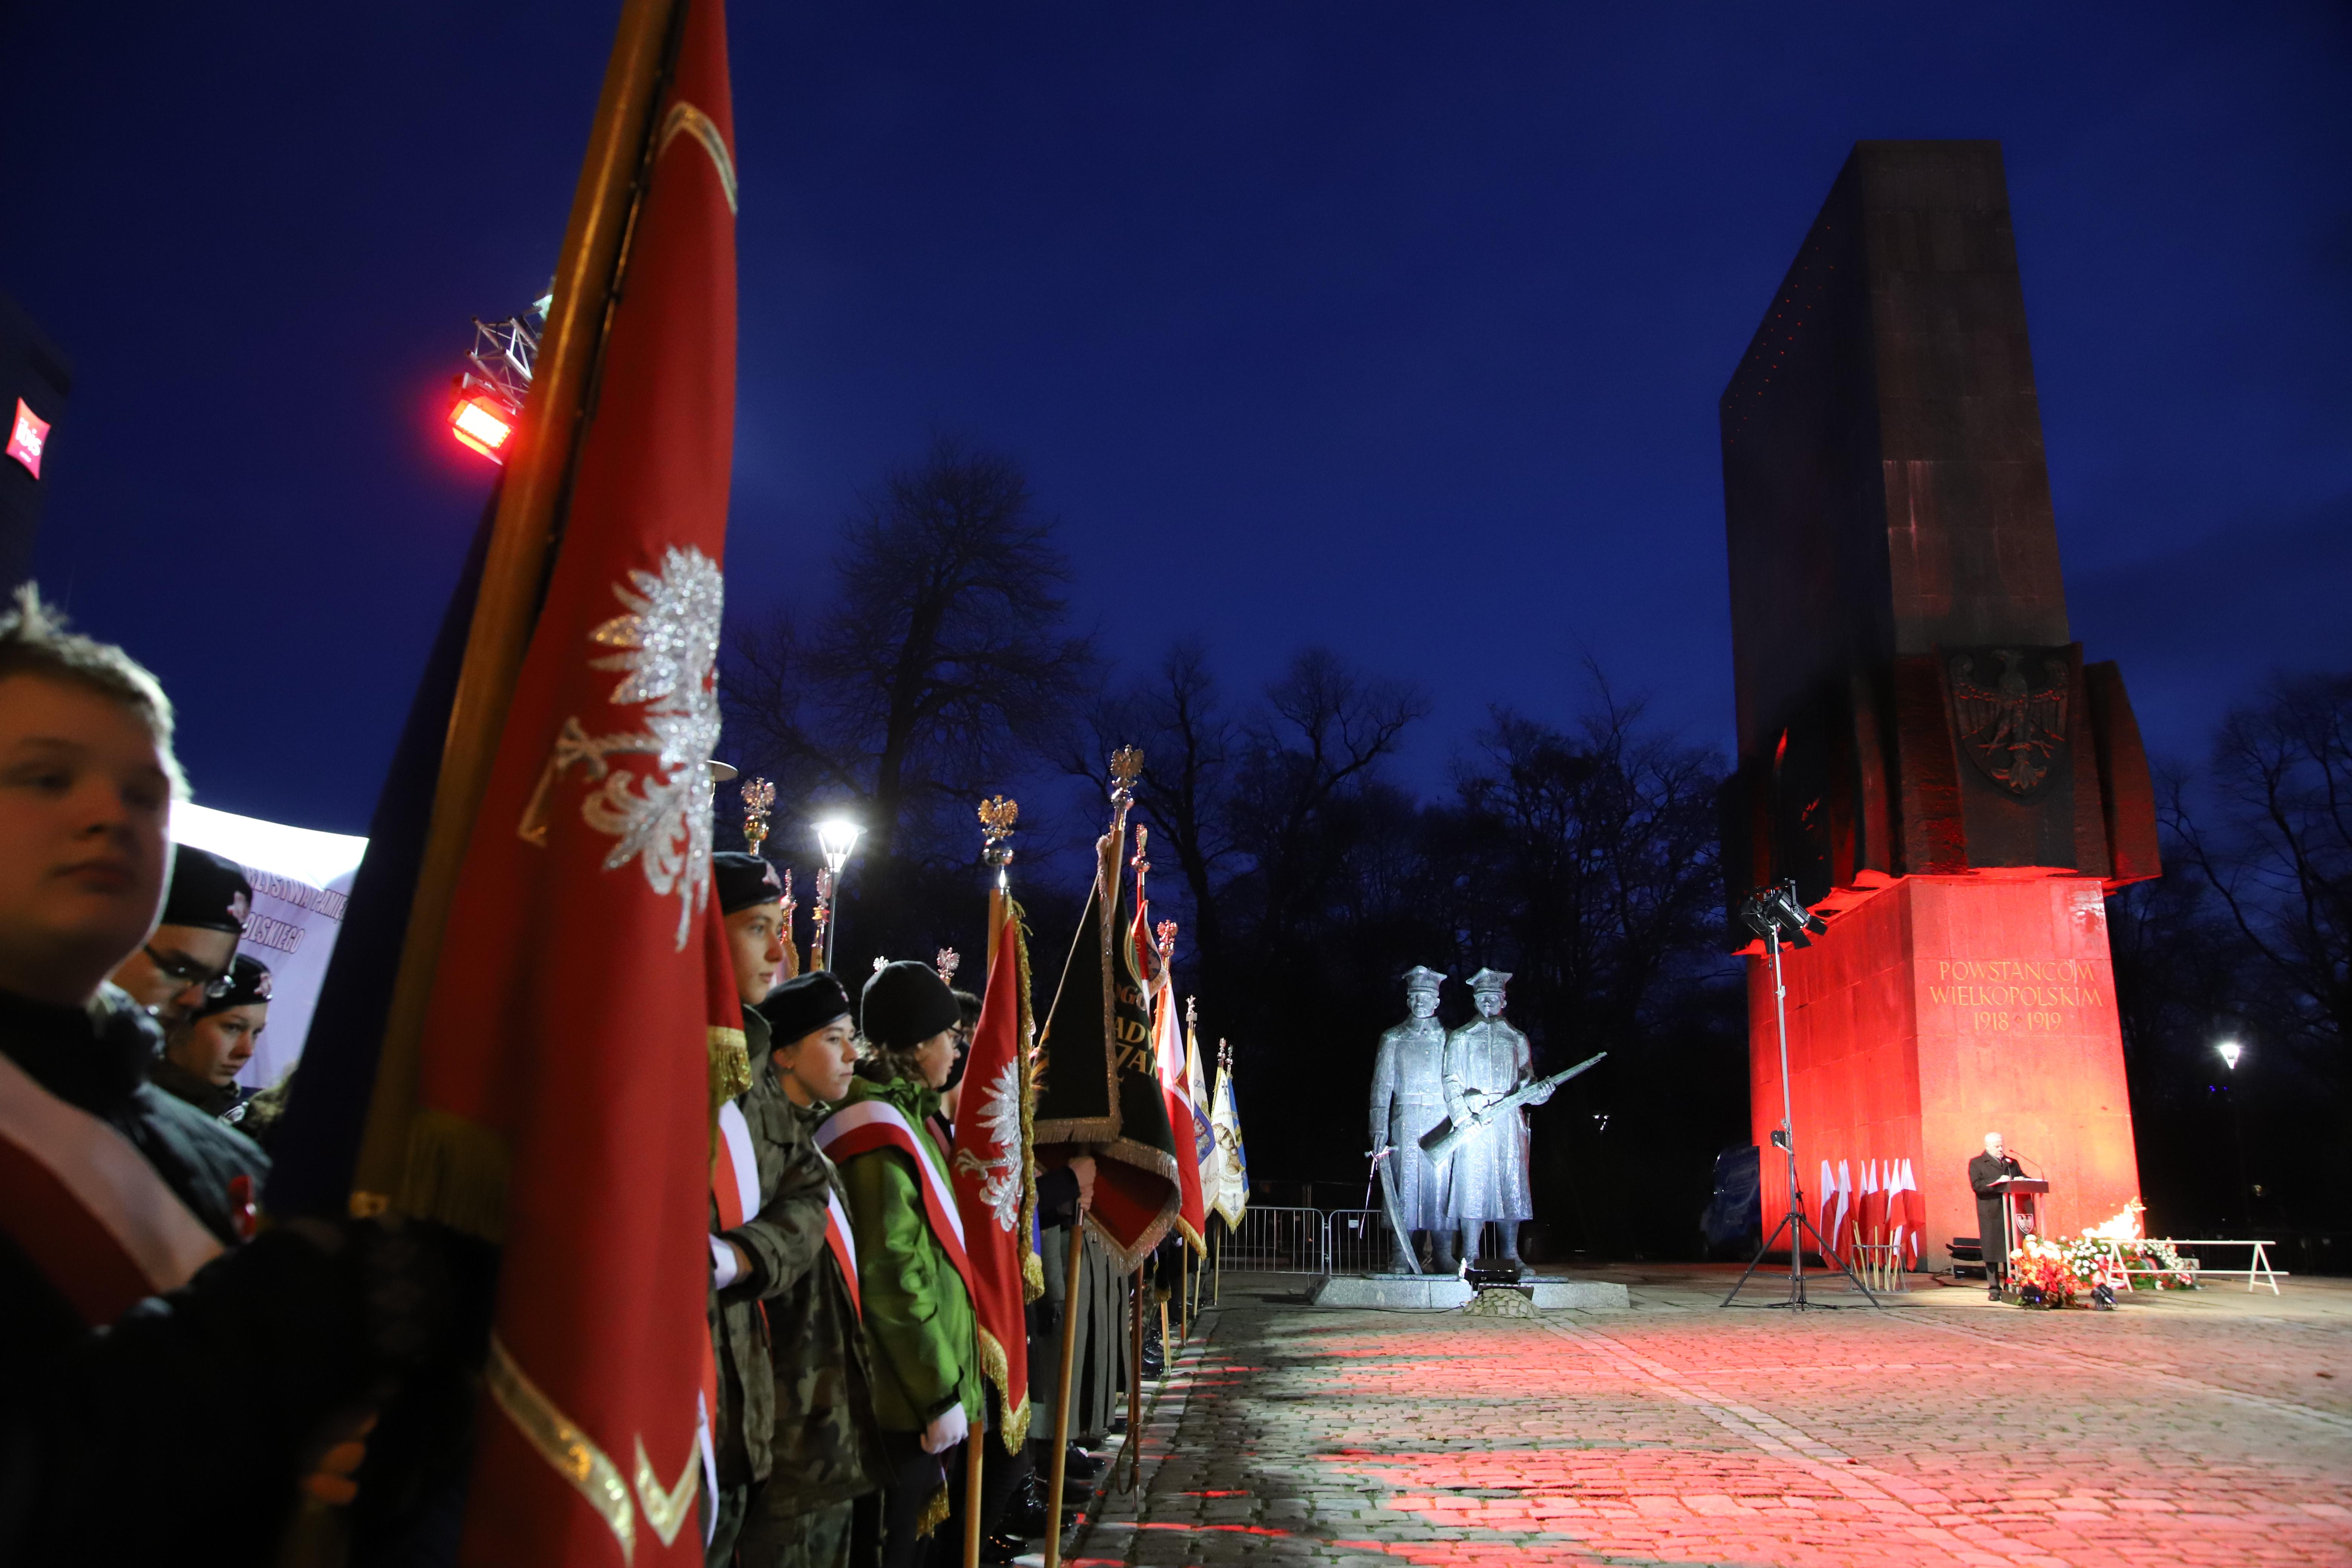 Uroczystości z okazji 101. rocznicy wybuchu Powstania Wielkopolskiego - relacja z obchodów w Poznaniu